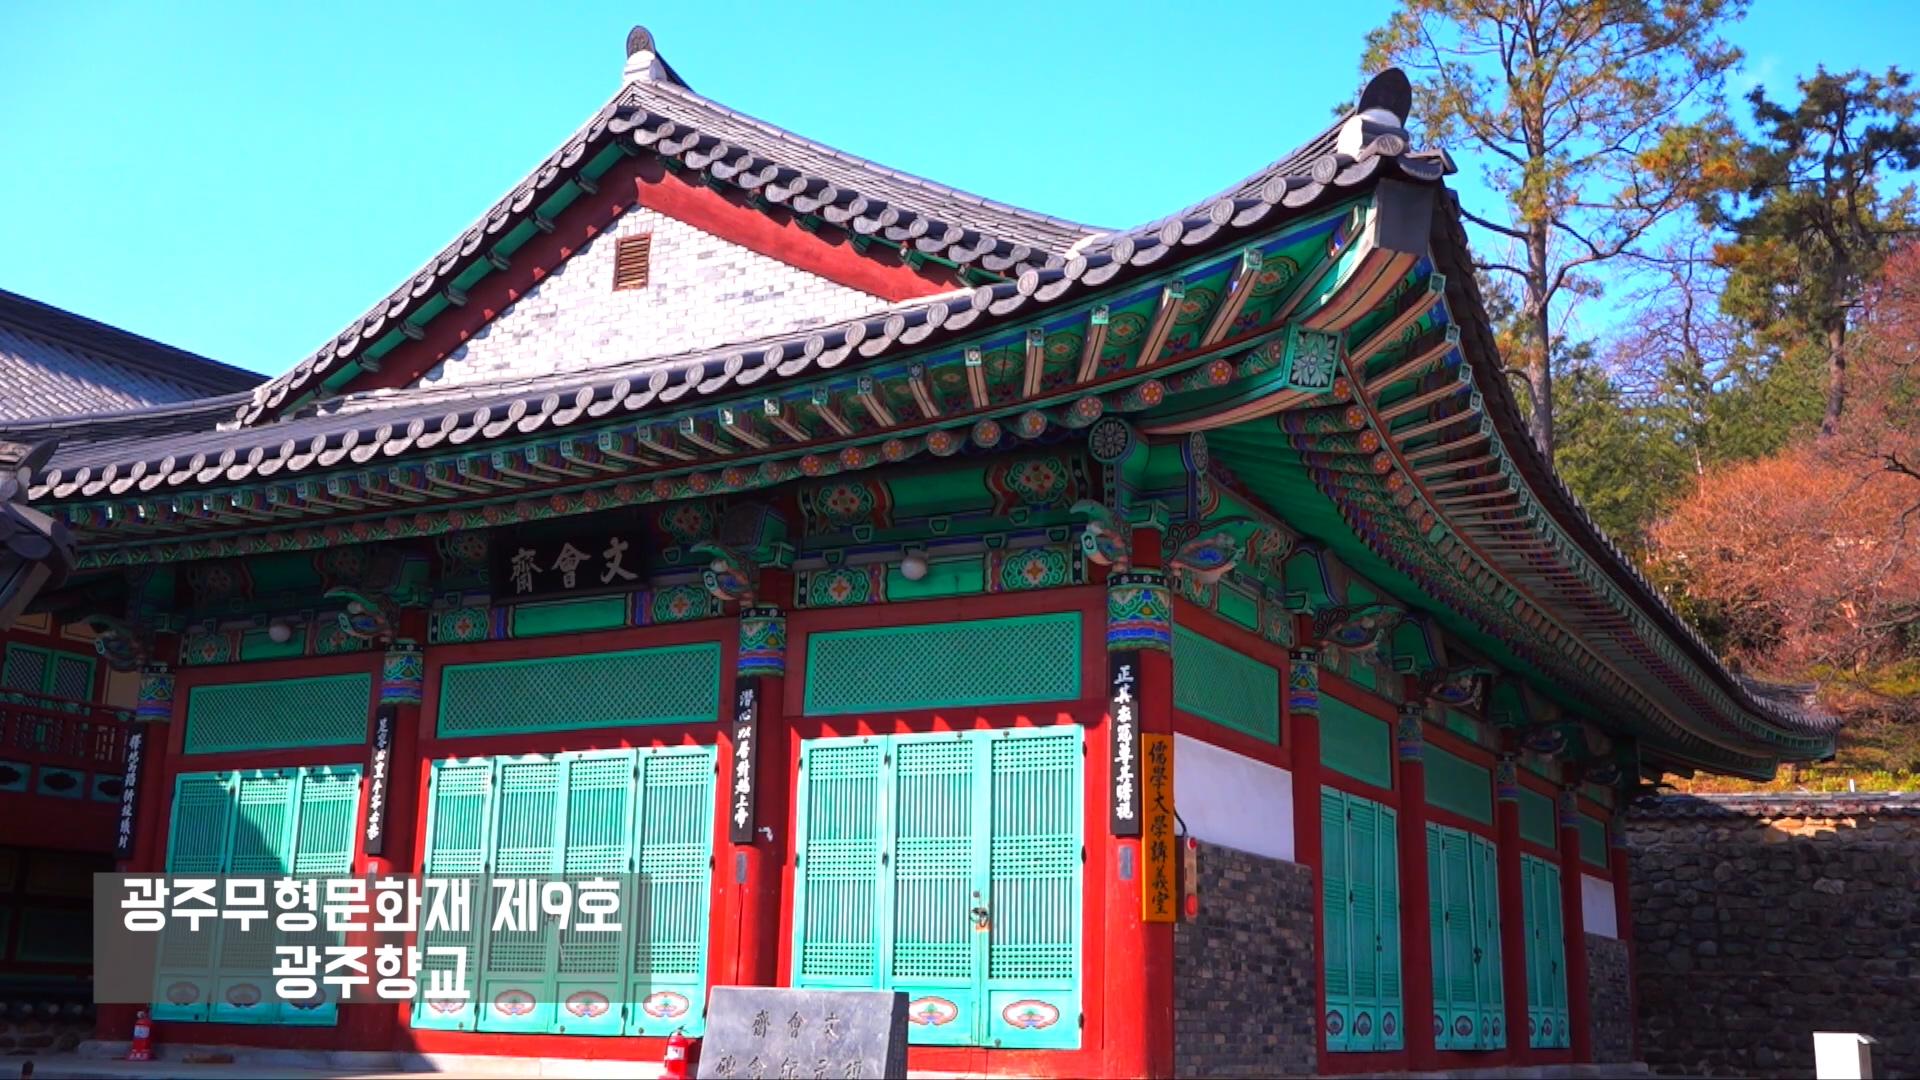 광주무형문화재 제9호 광주향교 목록 이미지